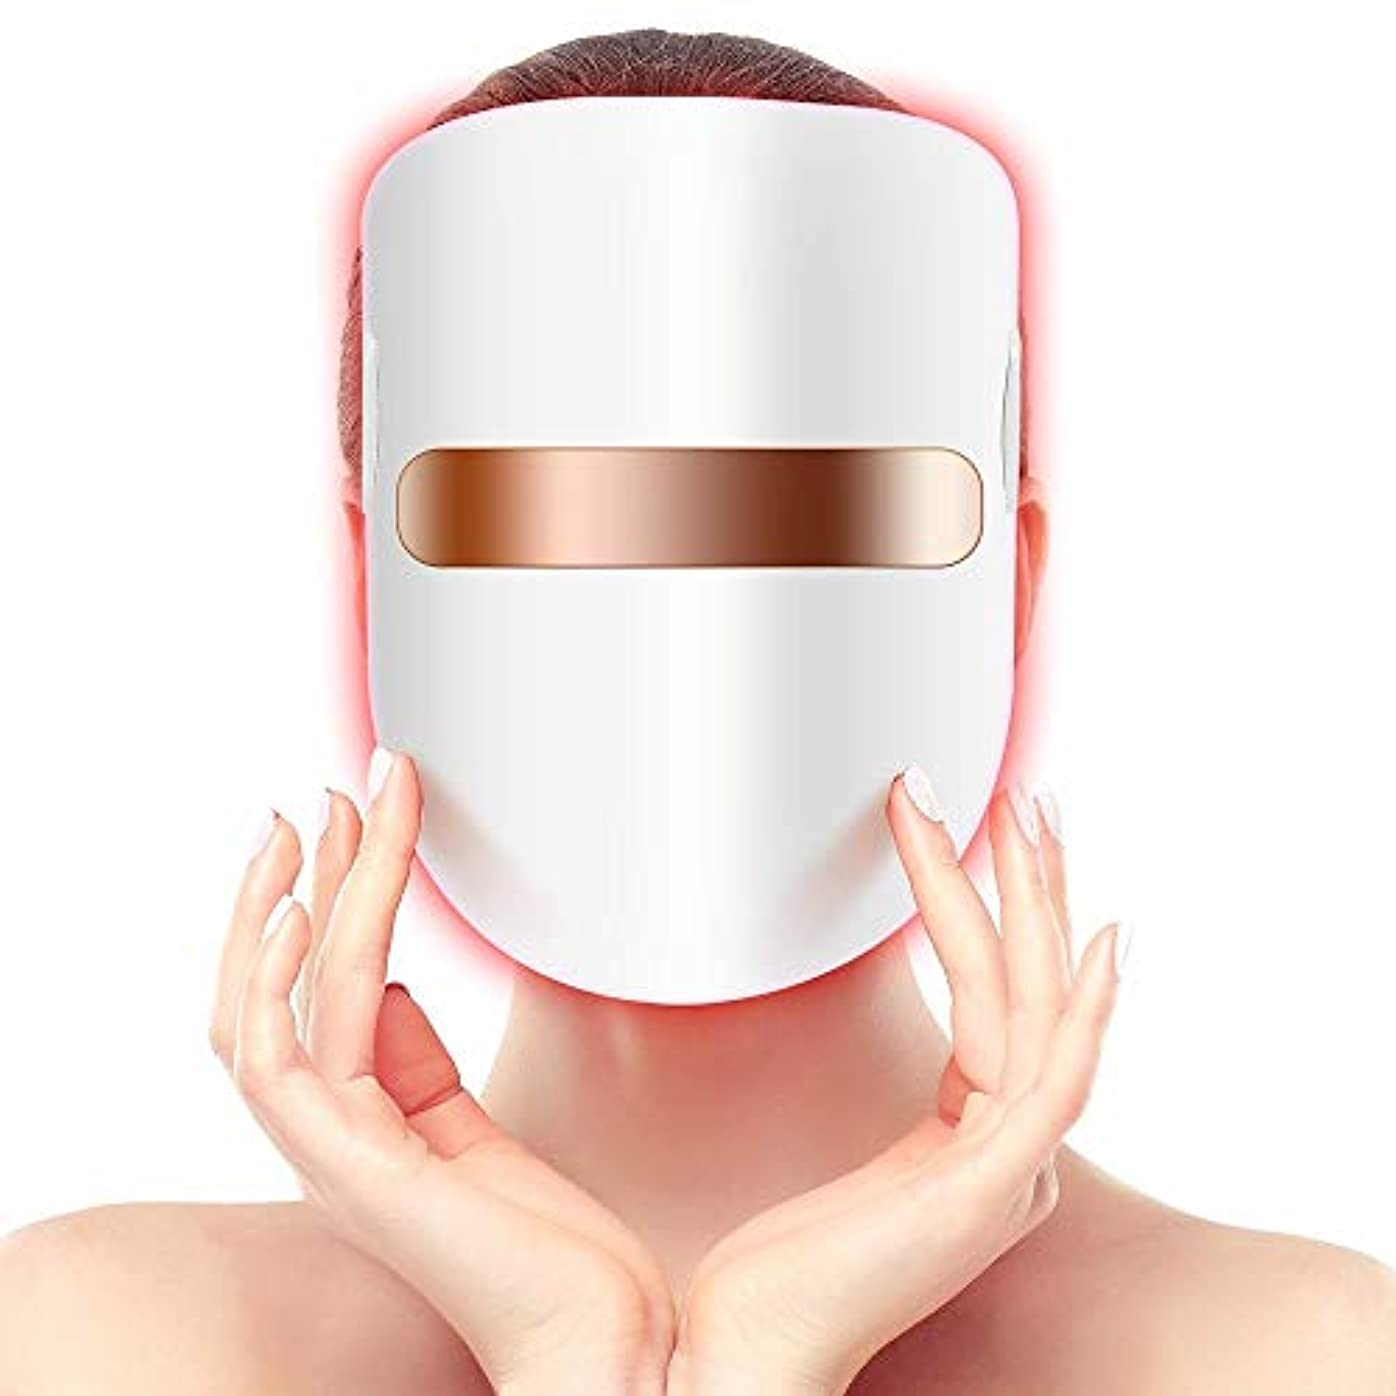 酔って蓋探検光療法にきび治療ledマスク療法無制限セッションのためににきび肌治療アンチリンクルホワイトニング肌の若返り楽器